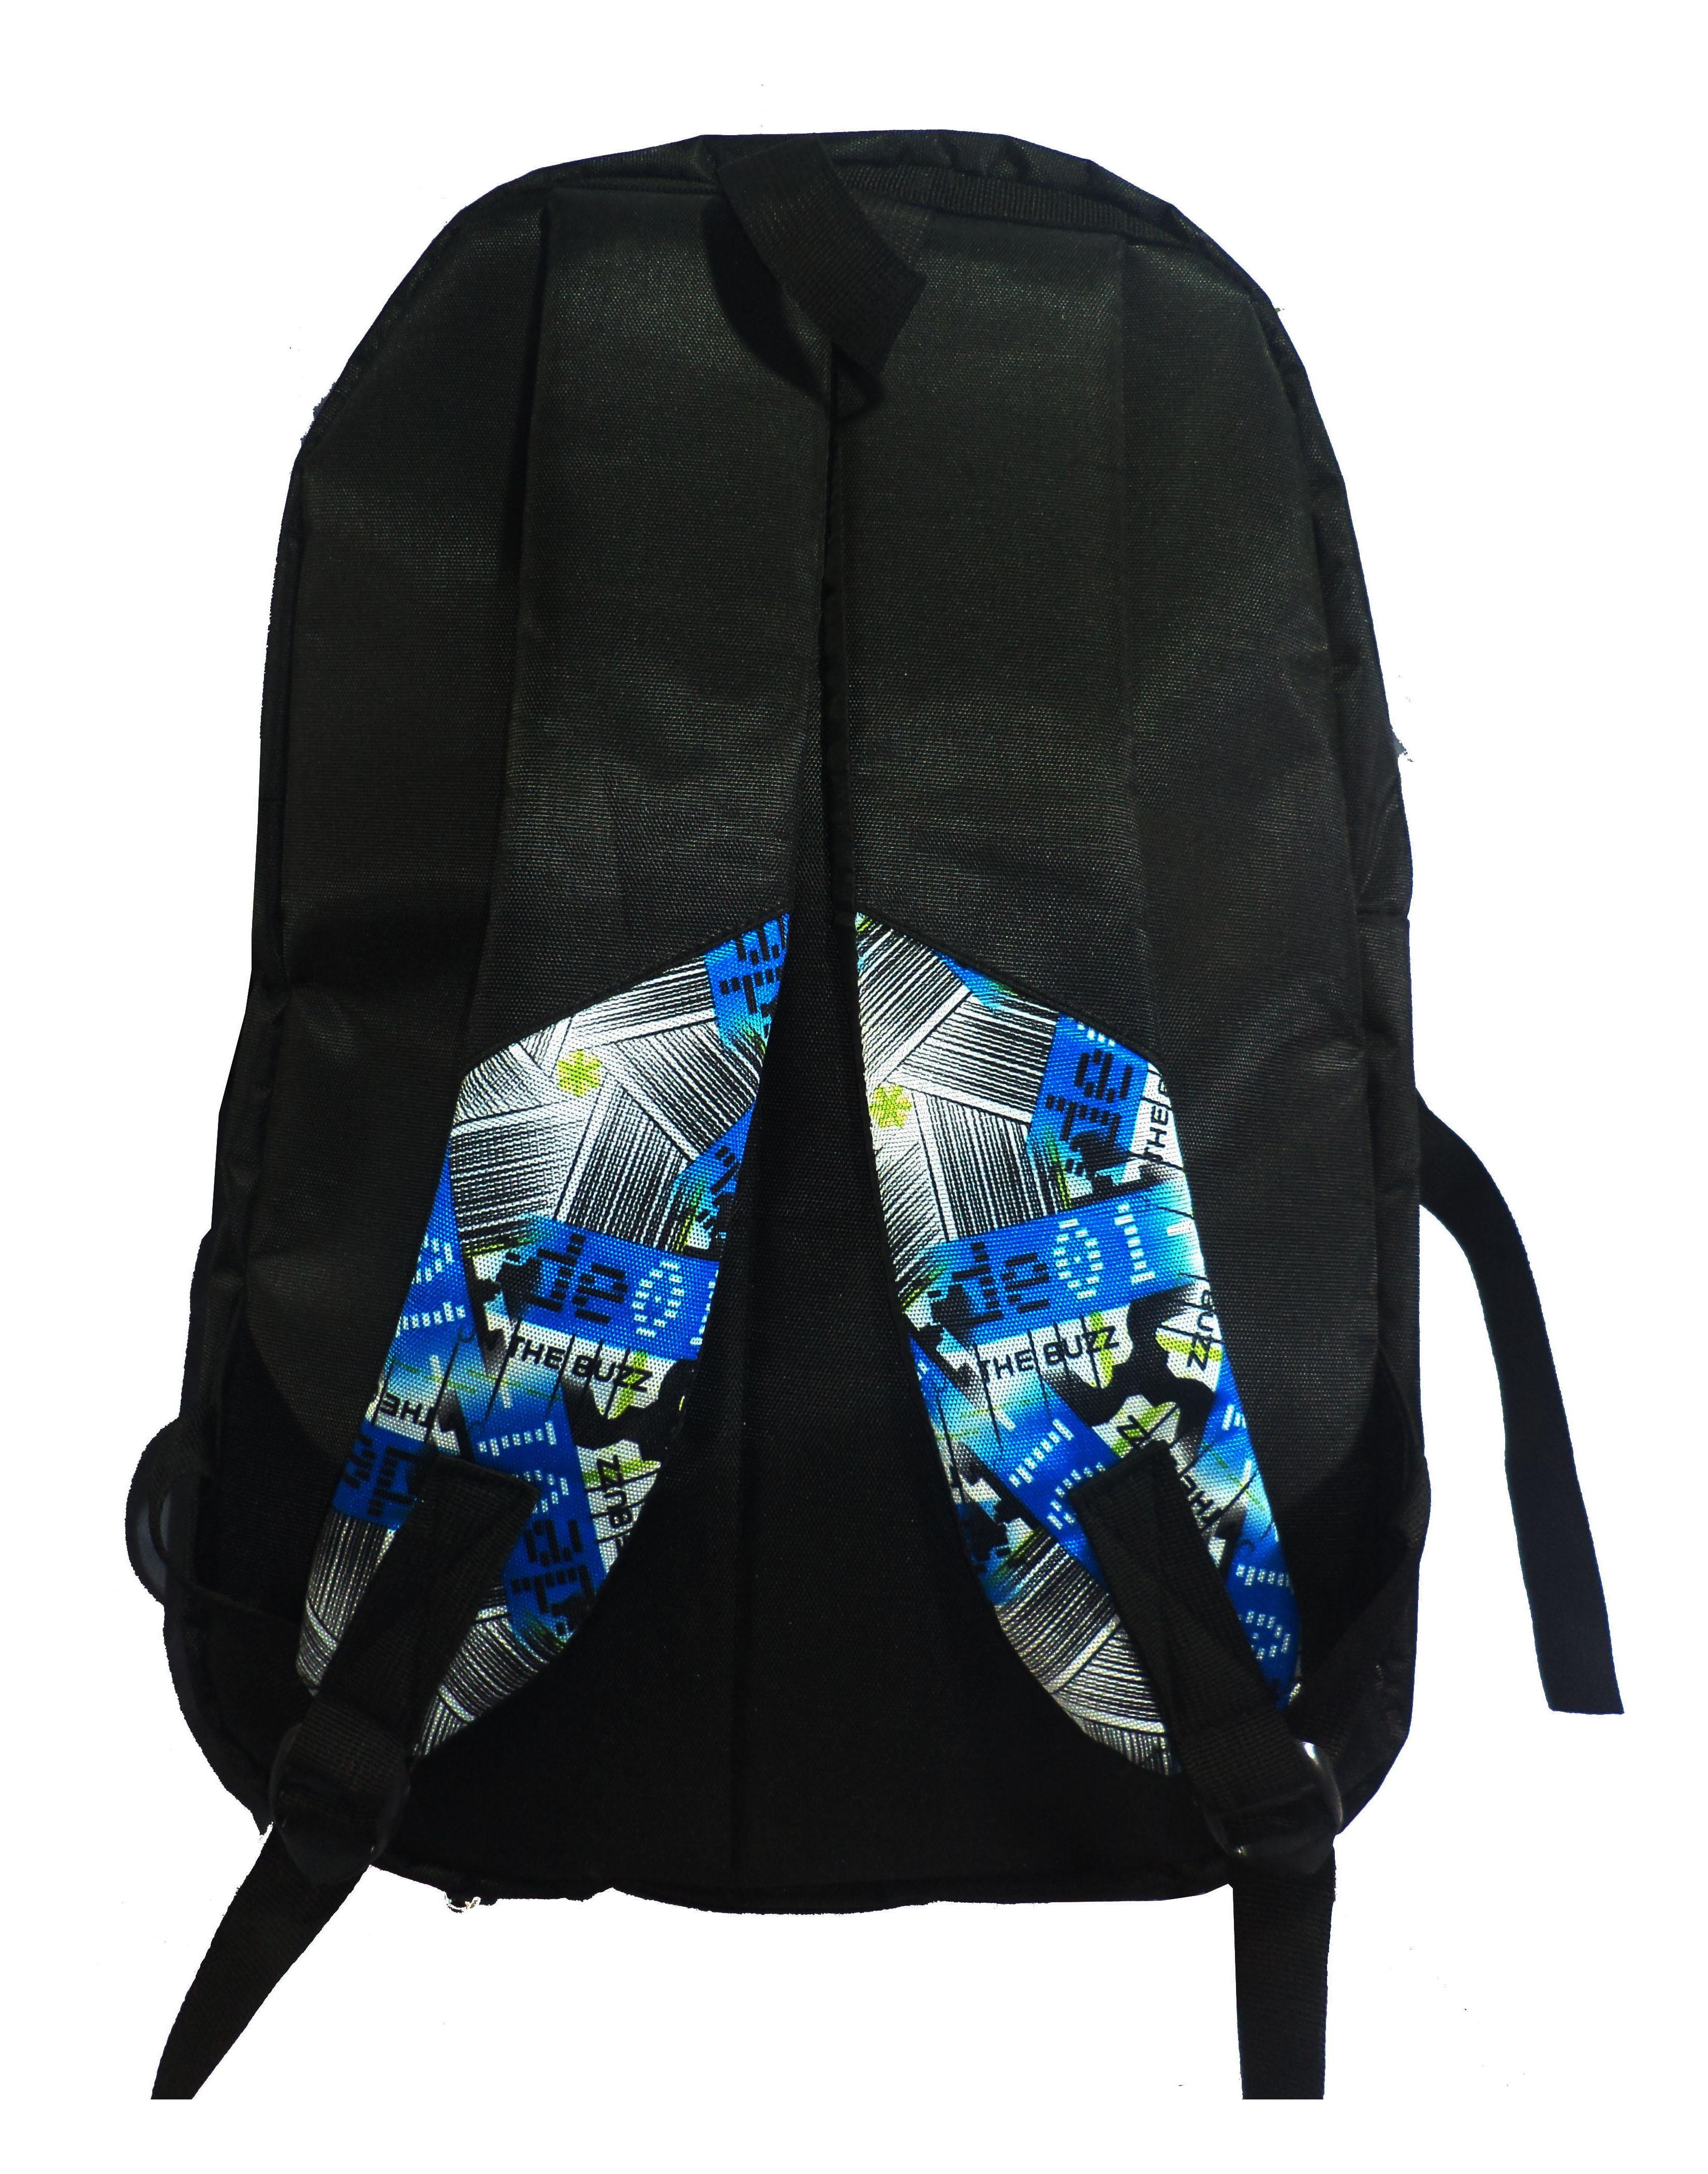 USB Port Rain Cover Backpacks